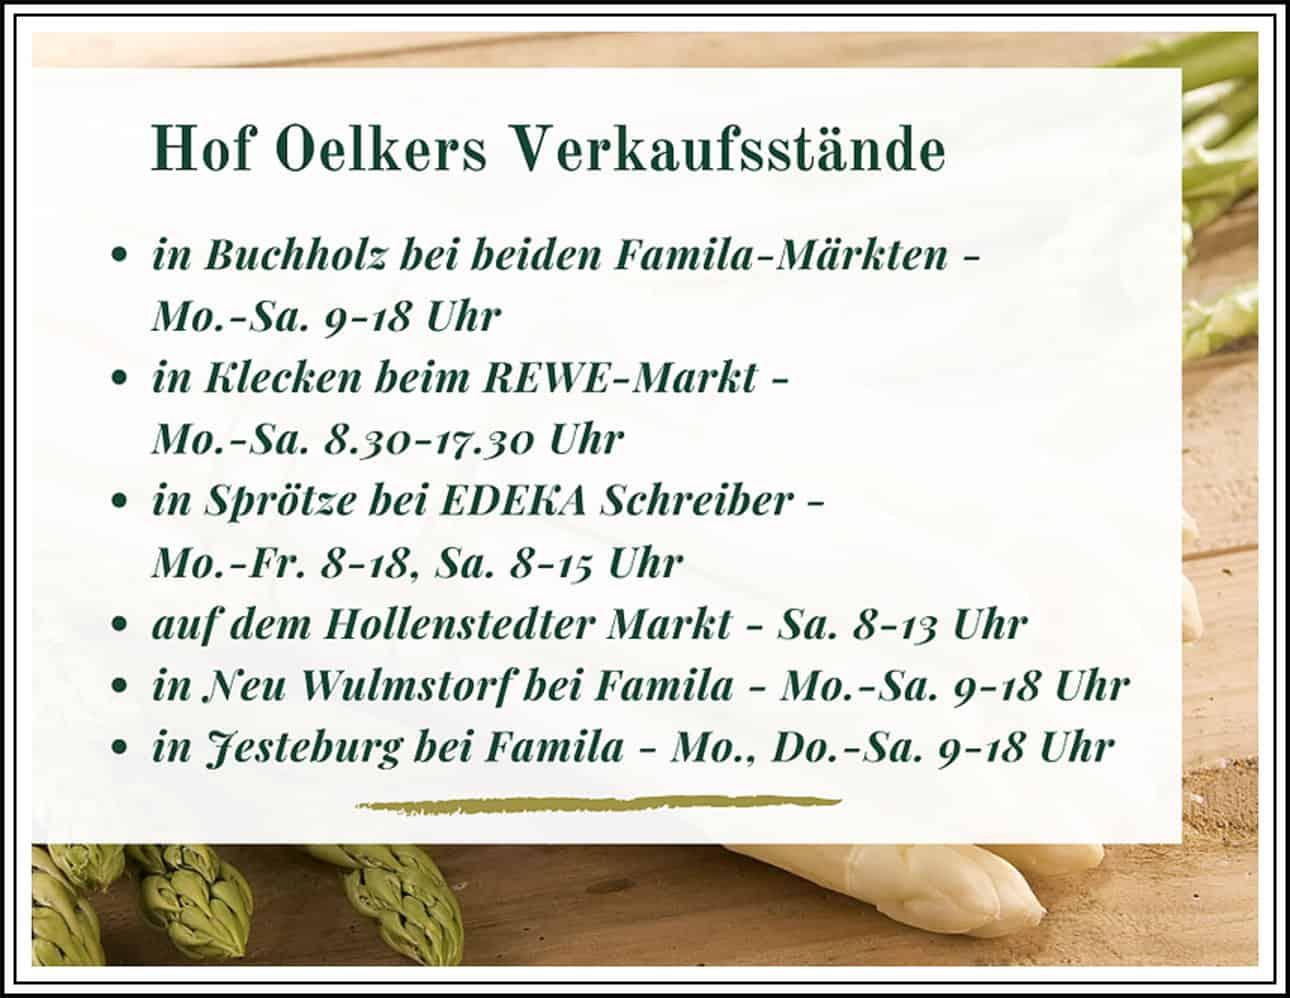 Hof Oelkers Verkauftsstaende